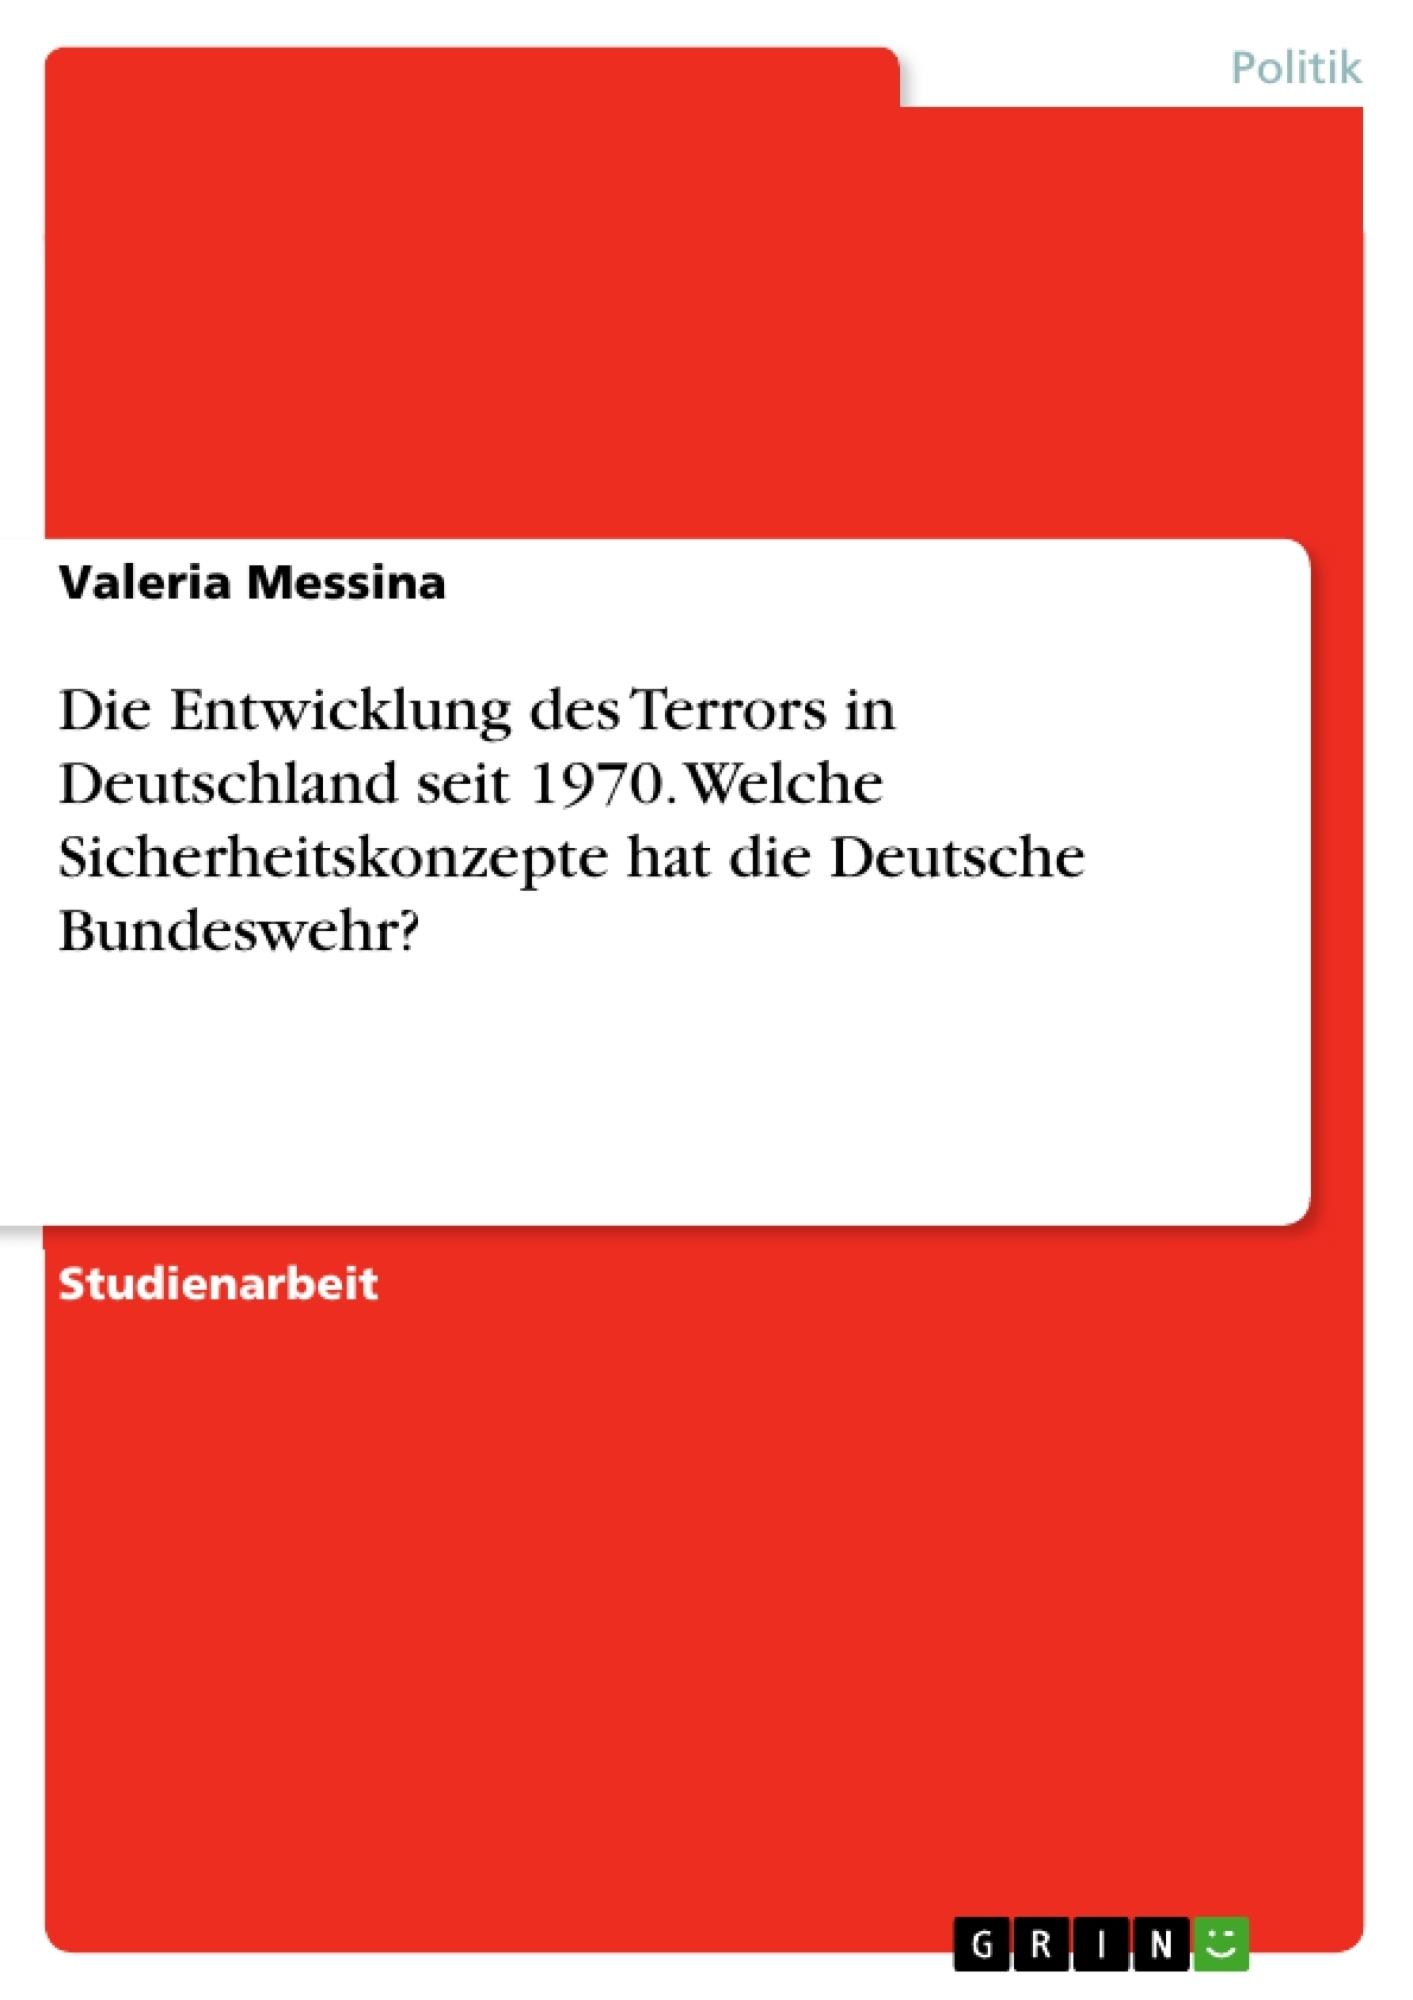 Titel: Die Entwicklung des Terrors in Deutschland seit 1970. Welche Sicherheitskonzepte hat die Deutsche Bundeswehr?